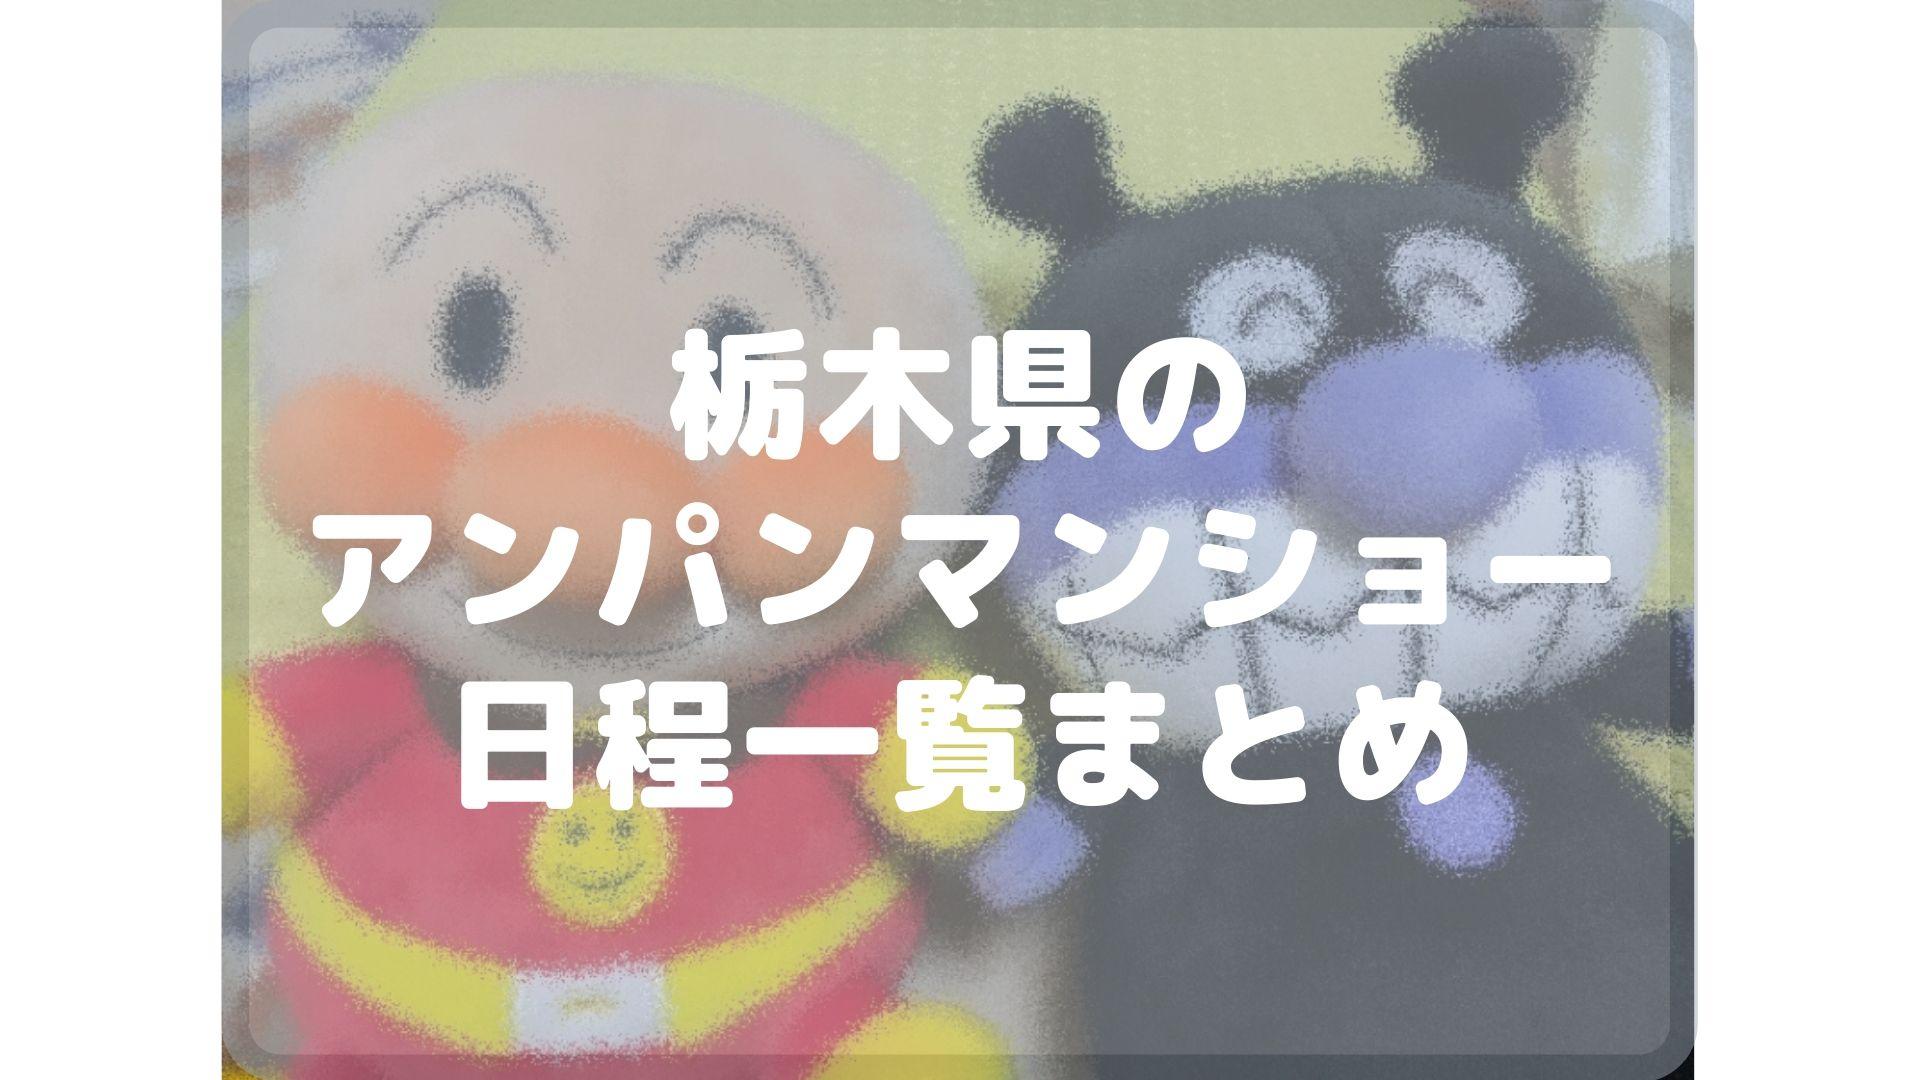 栃木県のアンパンマンショーまとめタイトル画像